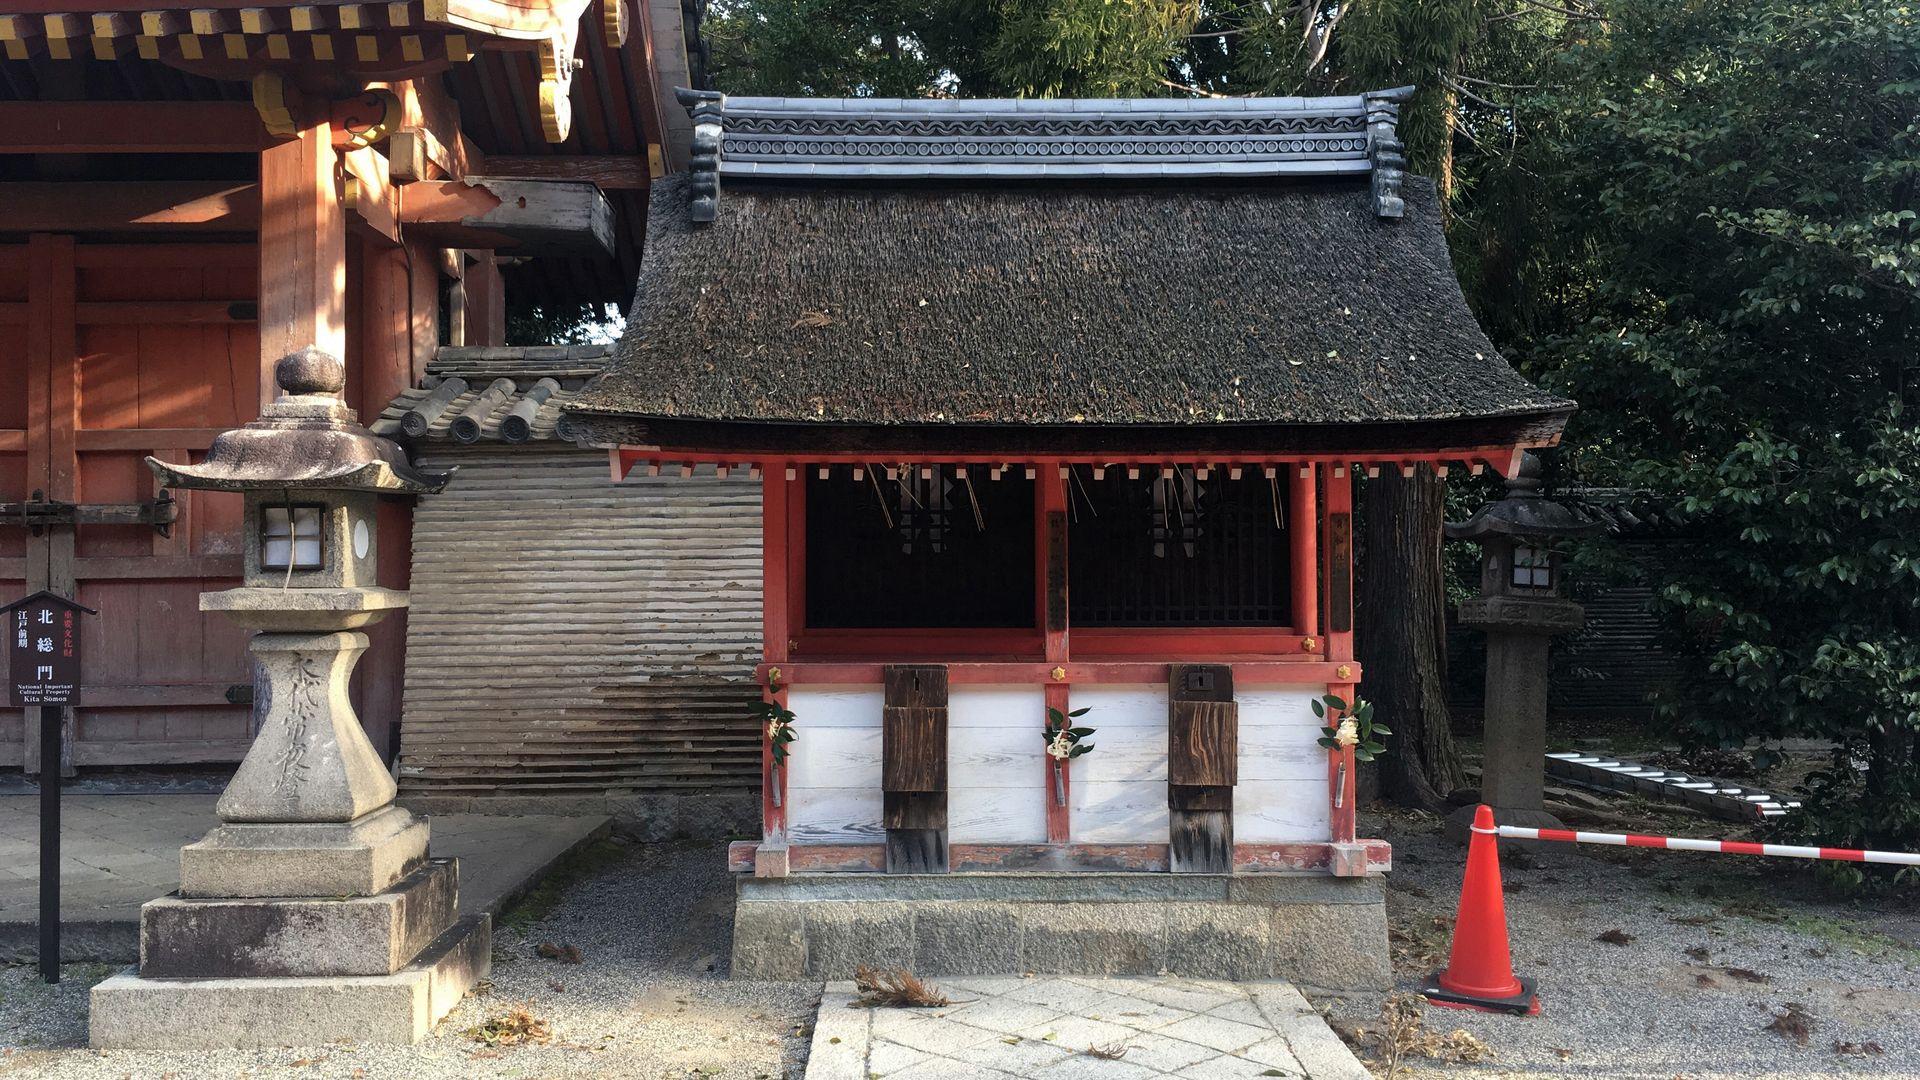 石清水八幡宮の貴船社と龍田社